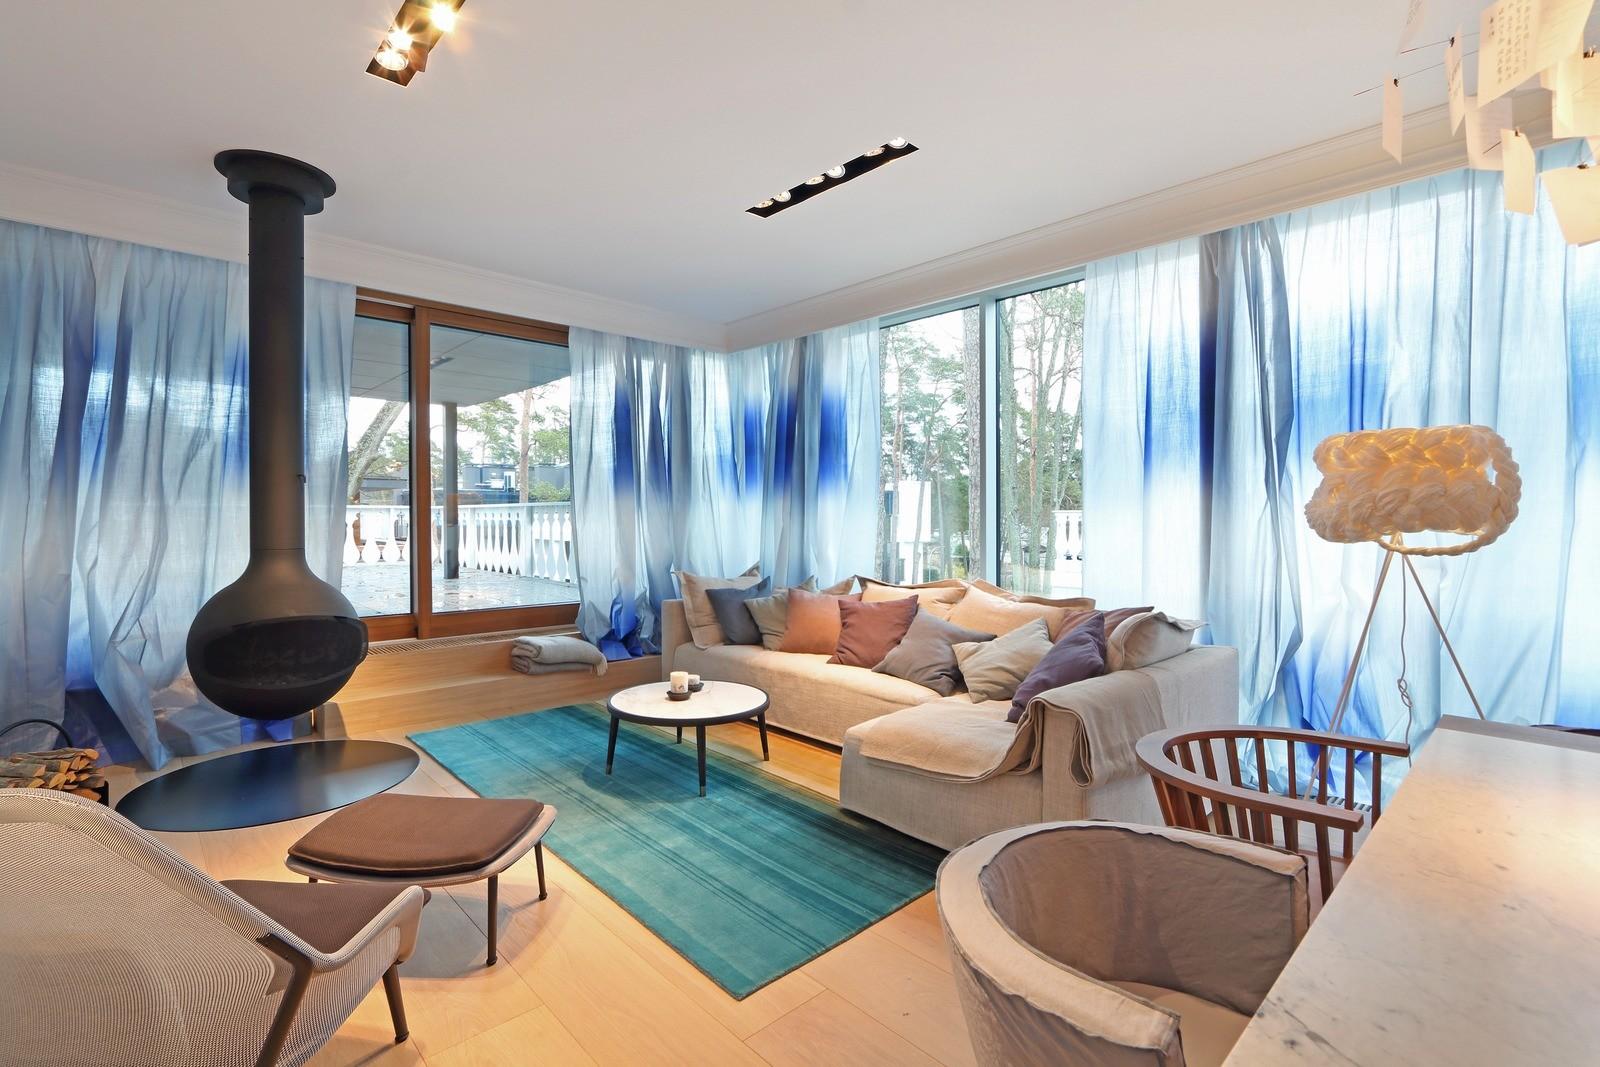 Проектная фирма OPEN AD — Architecture and Design оформила интерьер апартаментов ST в Юрмале,